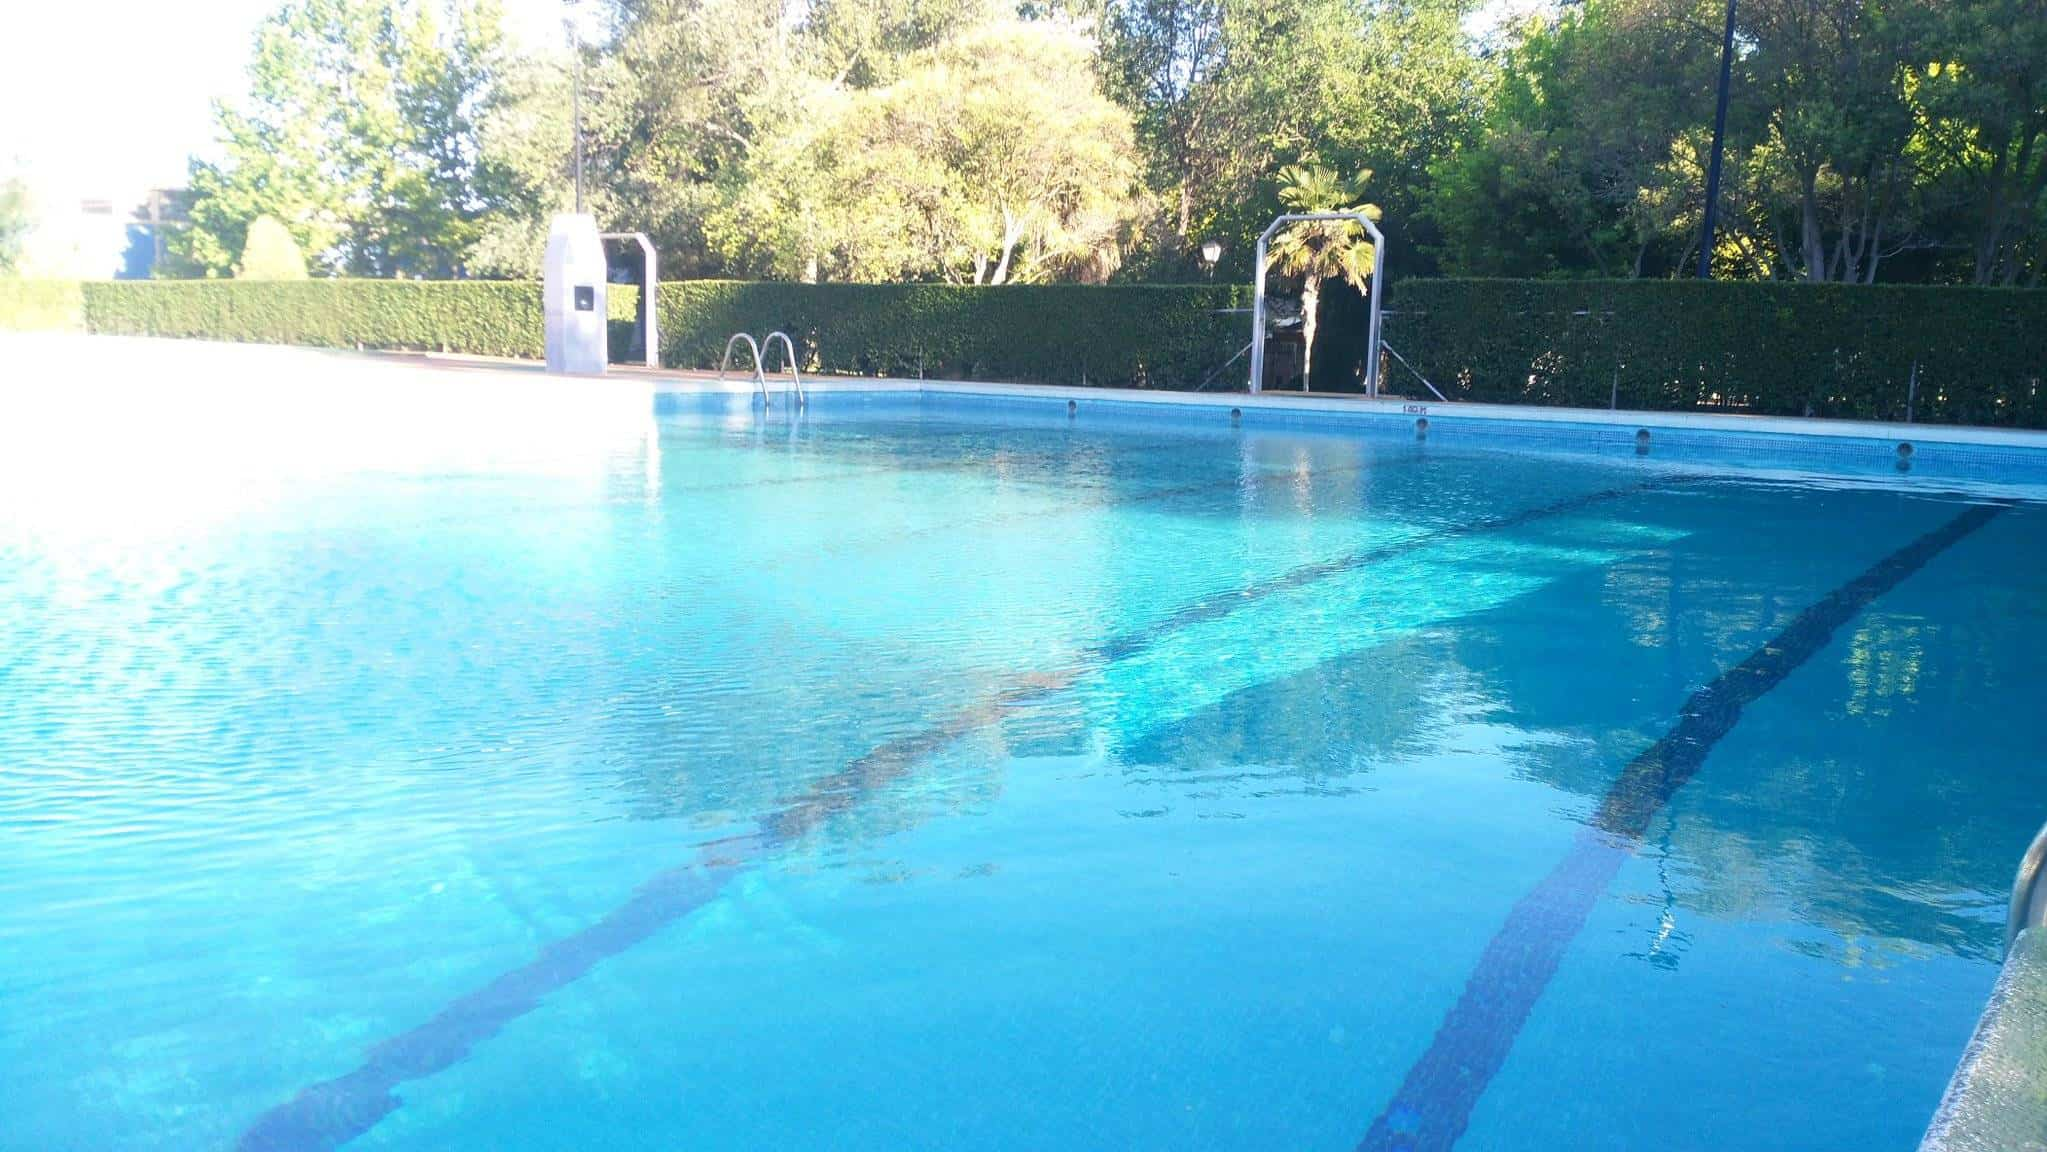 piscina municipal llena agua 2017 - La Piscina Municipal está lista para su apertura el 15 de junio